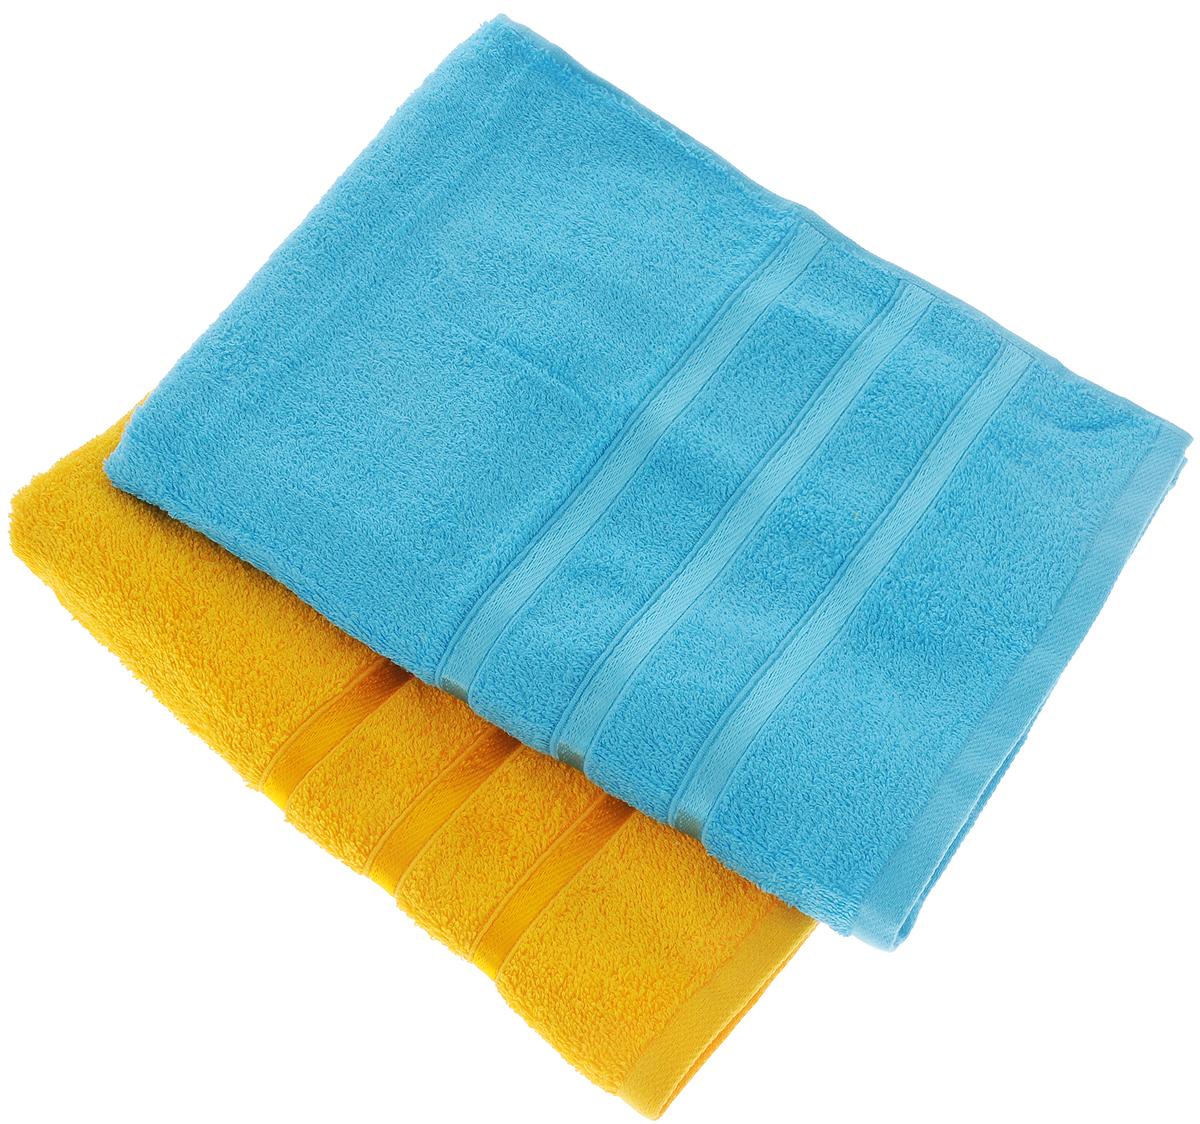 Набор полотенец Tete-a-Tete Ленты, цвет: желтый, бирюзовый, 50 х 85 см, 2 штУНП-101-11-2кНабор Tete-a-Tete Ленты состоит из двух махровых полотенец, выполненных из натурального 100% хлопка. Бордюр полотенец декорирован лентами. Изделия мягкие, отлично впитывают влагу, быстро сохнут, сохраняют яркость цвета и не теряют форму даже после многократных стирок. Полотенца Tete-a-Tete Ленты очень практичны и неприхотливы в уходе. Они легко впишутся в любой интерьер благодаря своей нежной цветовой гамме. Набор упакован в красивую коробку и может послужить отличной идеей подарка.Размер полотенец: 50 х 85 см.